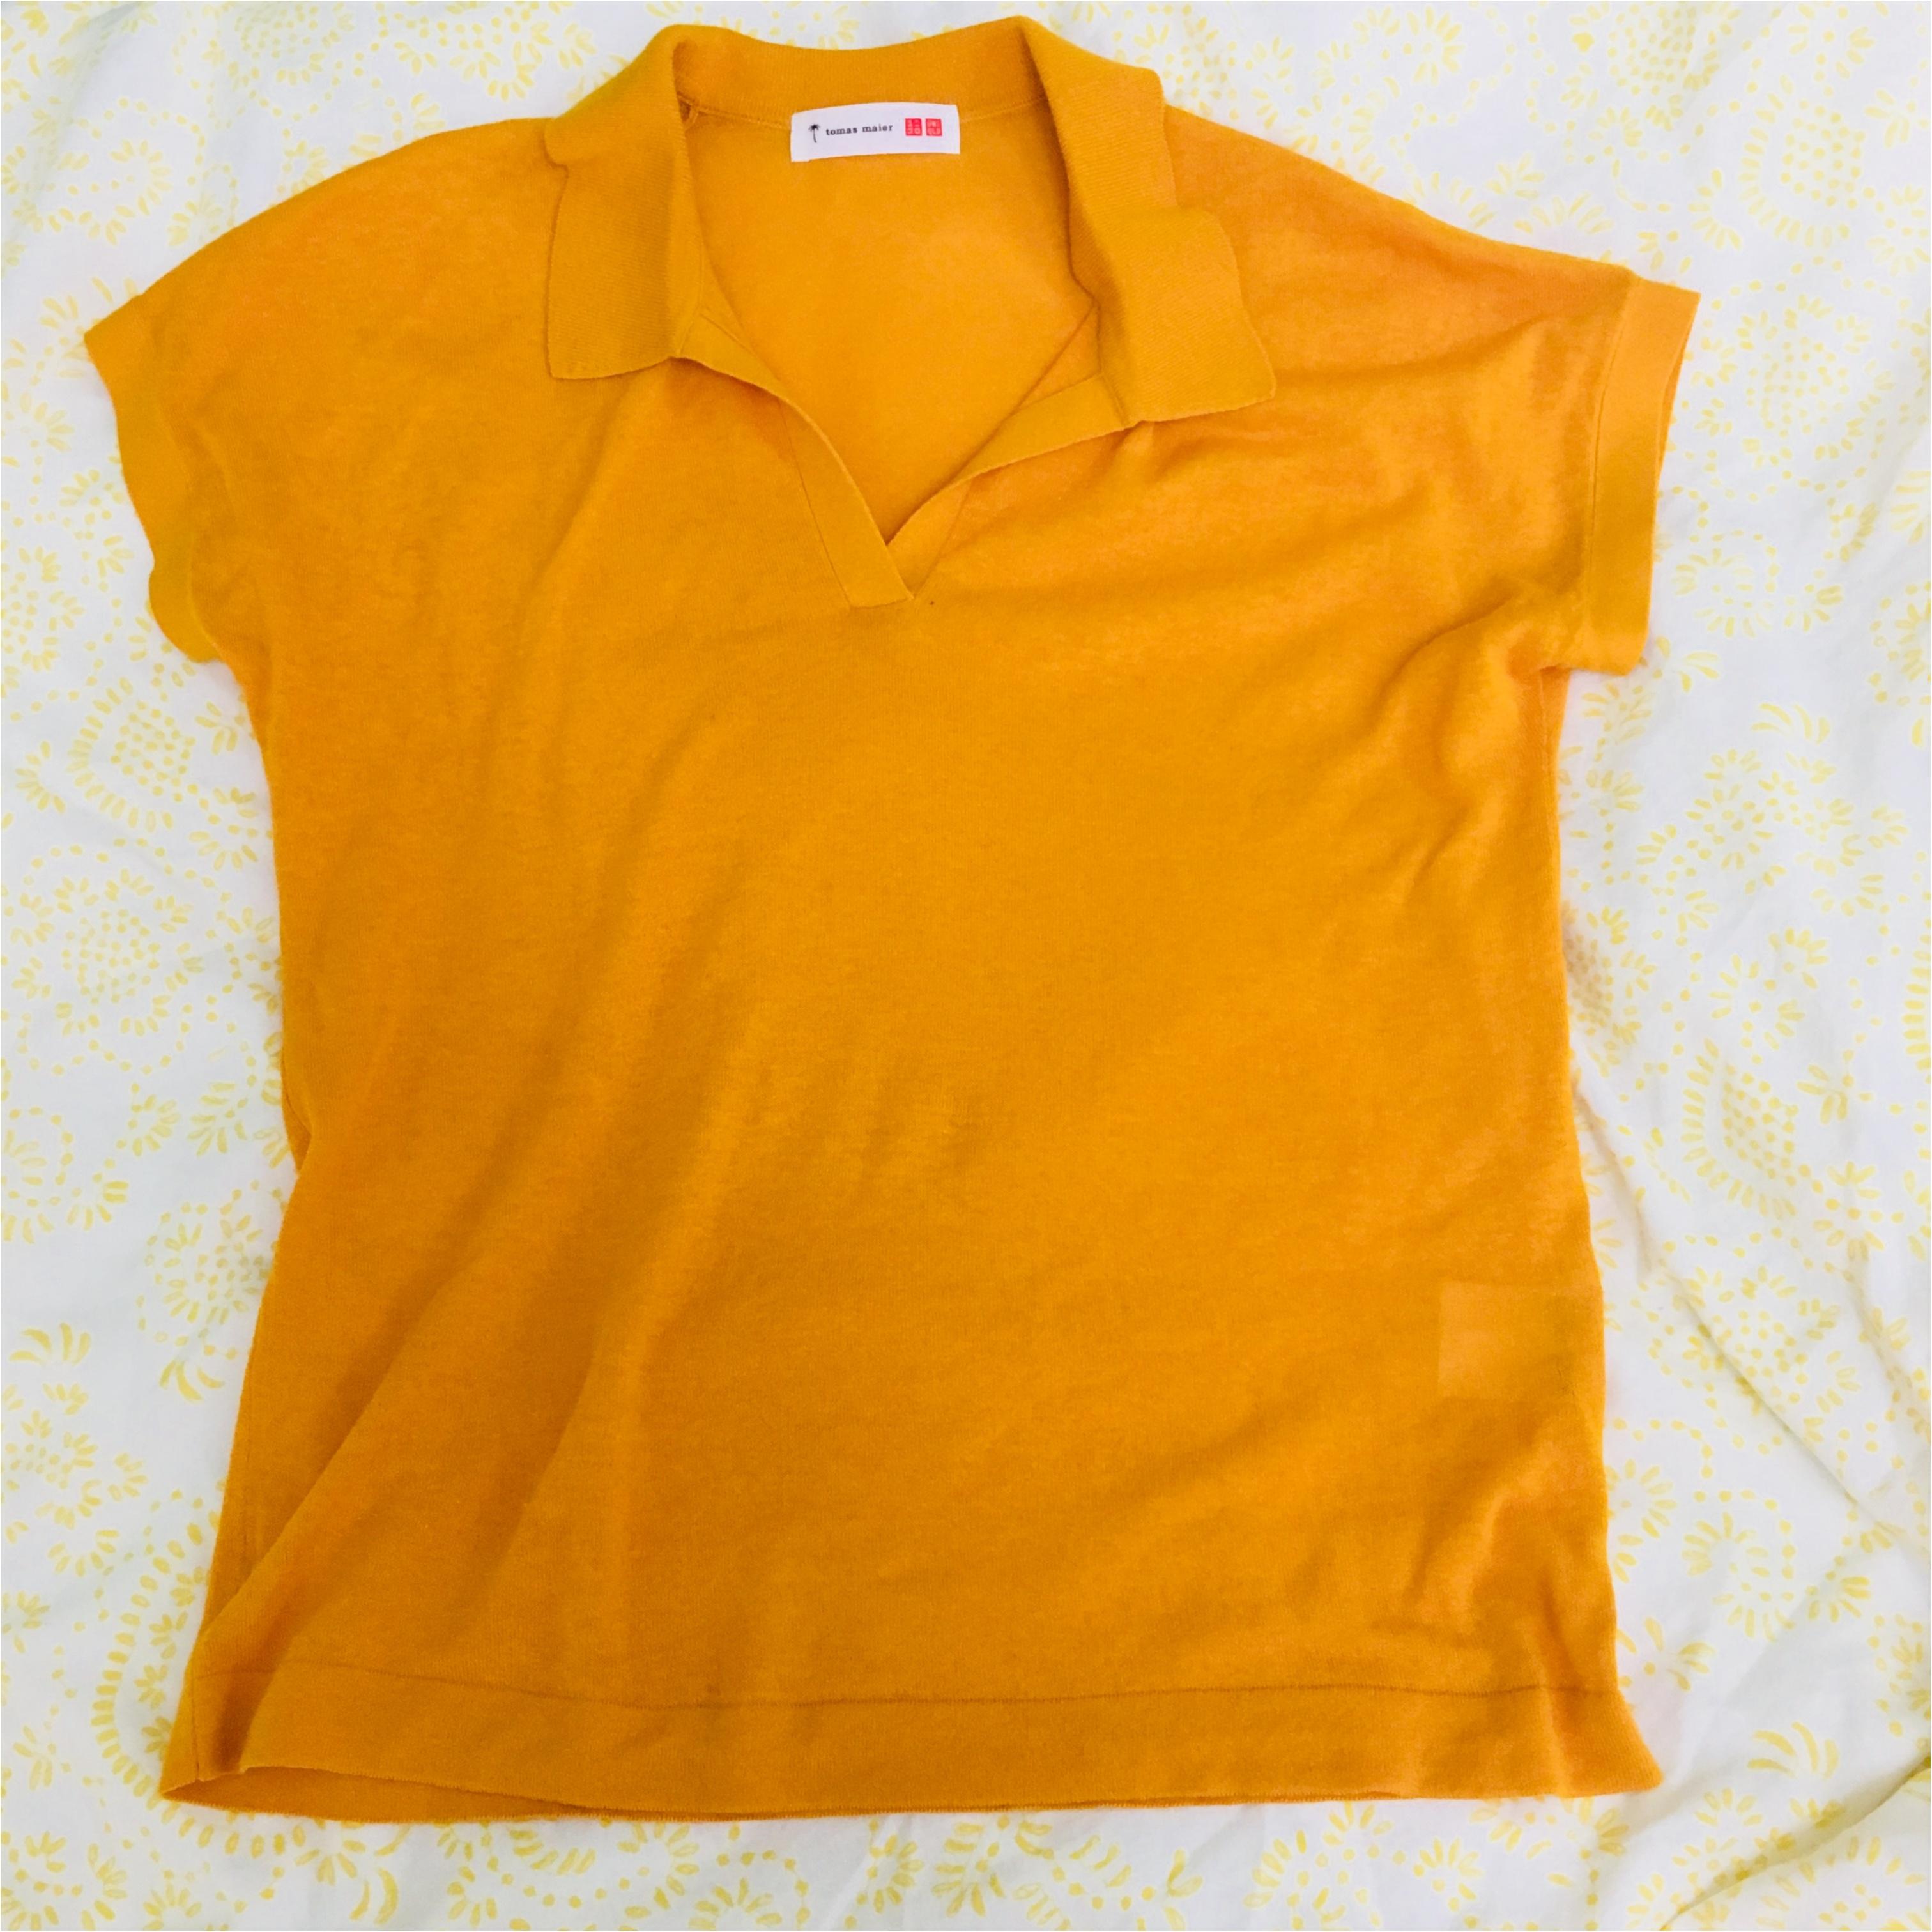 ≪UNIQLO≫で買った、Tomas maierのポロシャツが秀逸!涼しくてとってもオススメです♡_2